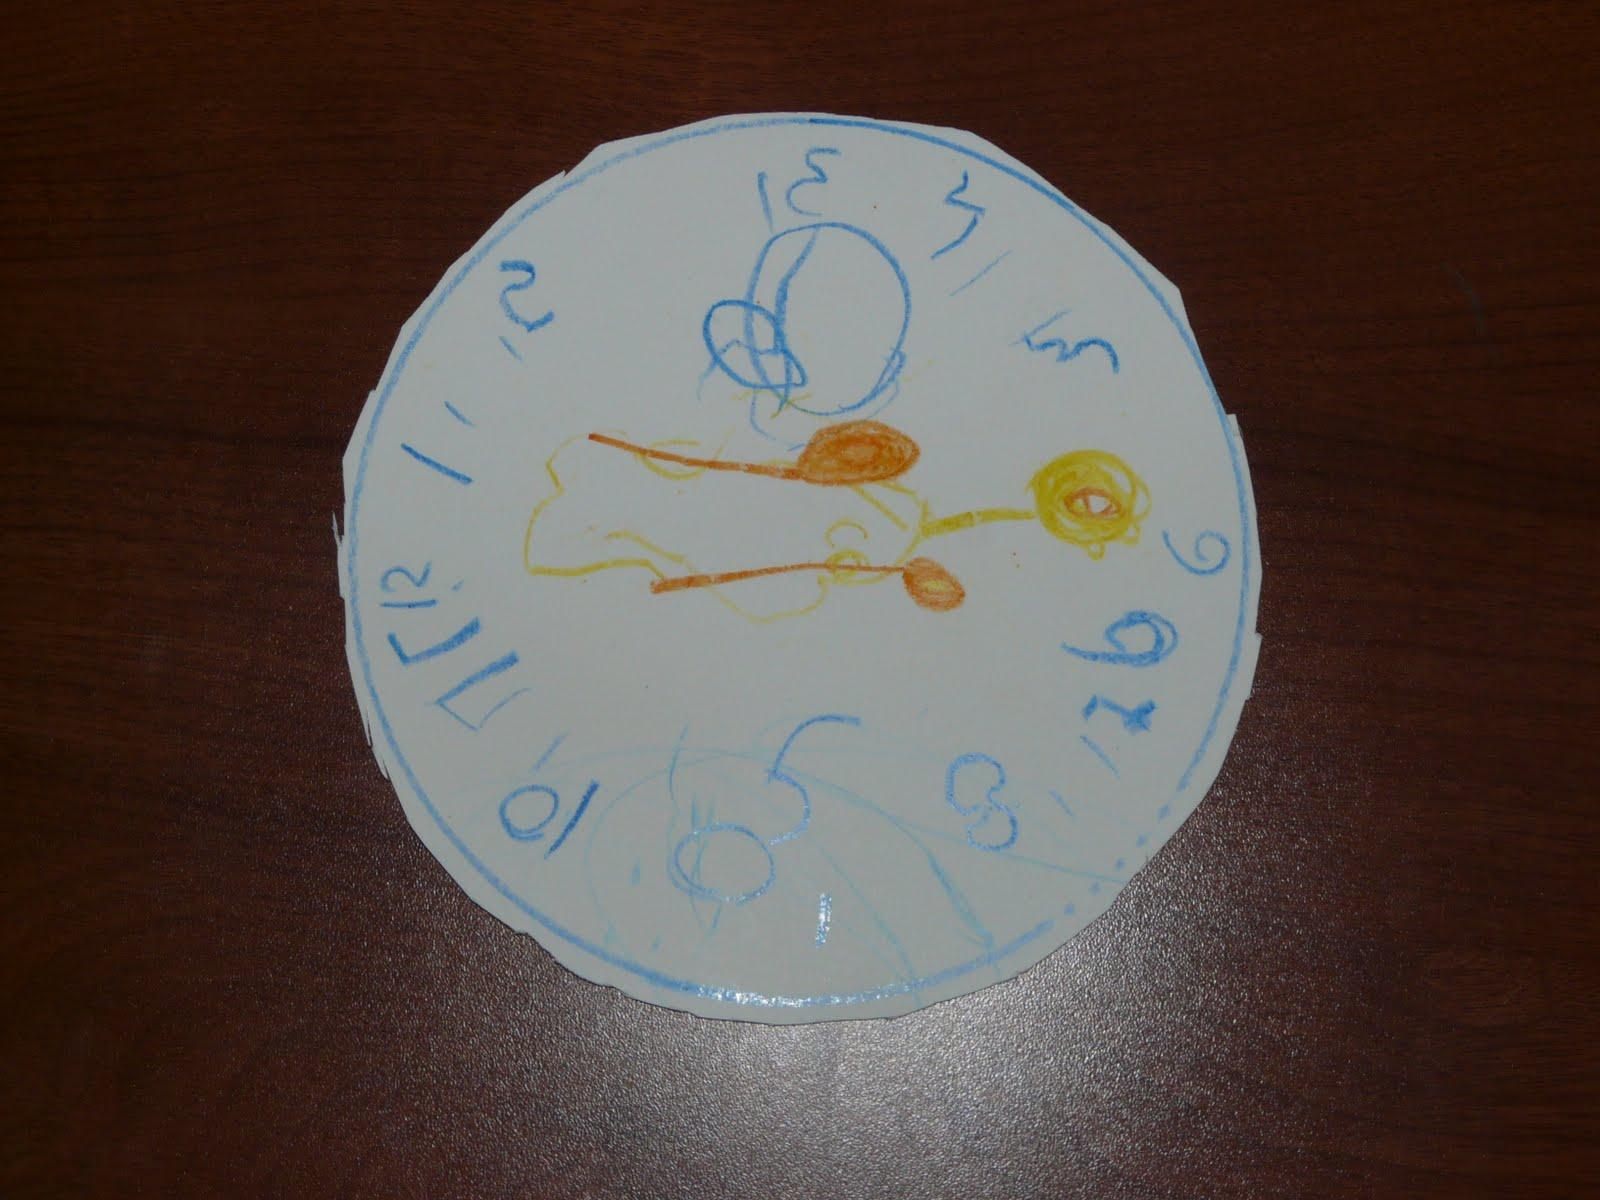 Adam's FunClock - форма изготовлена с помощью плошки для корнфлекса, циферблат вырезан тупыми ножницами